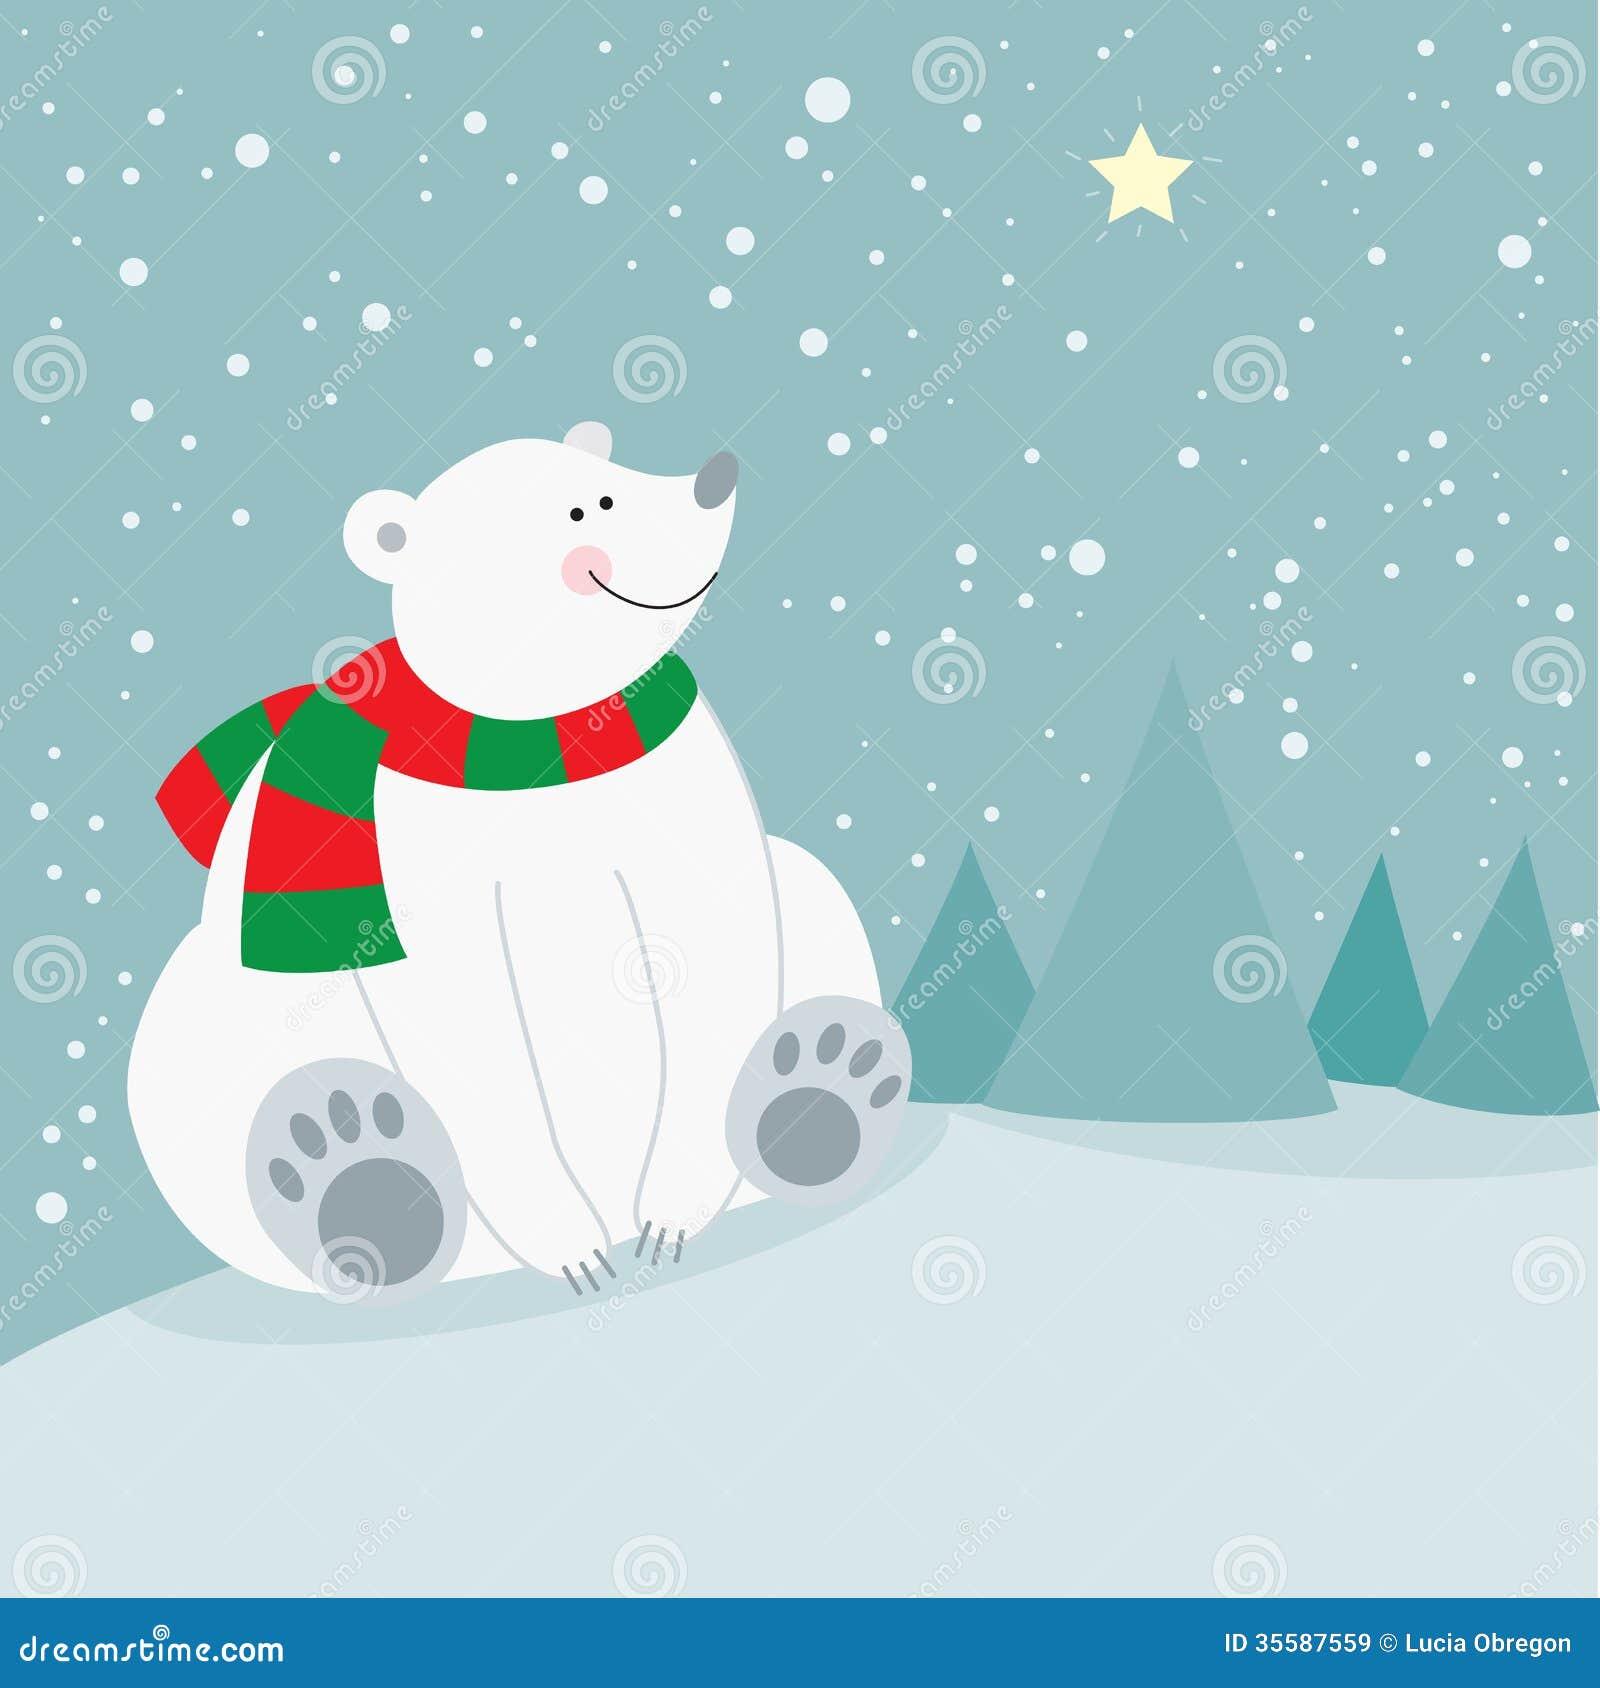 cute christmas holiday polar bear stock illustration christmas polar bear clipart free christmas polar bear clipart free